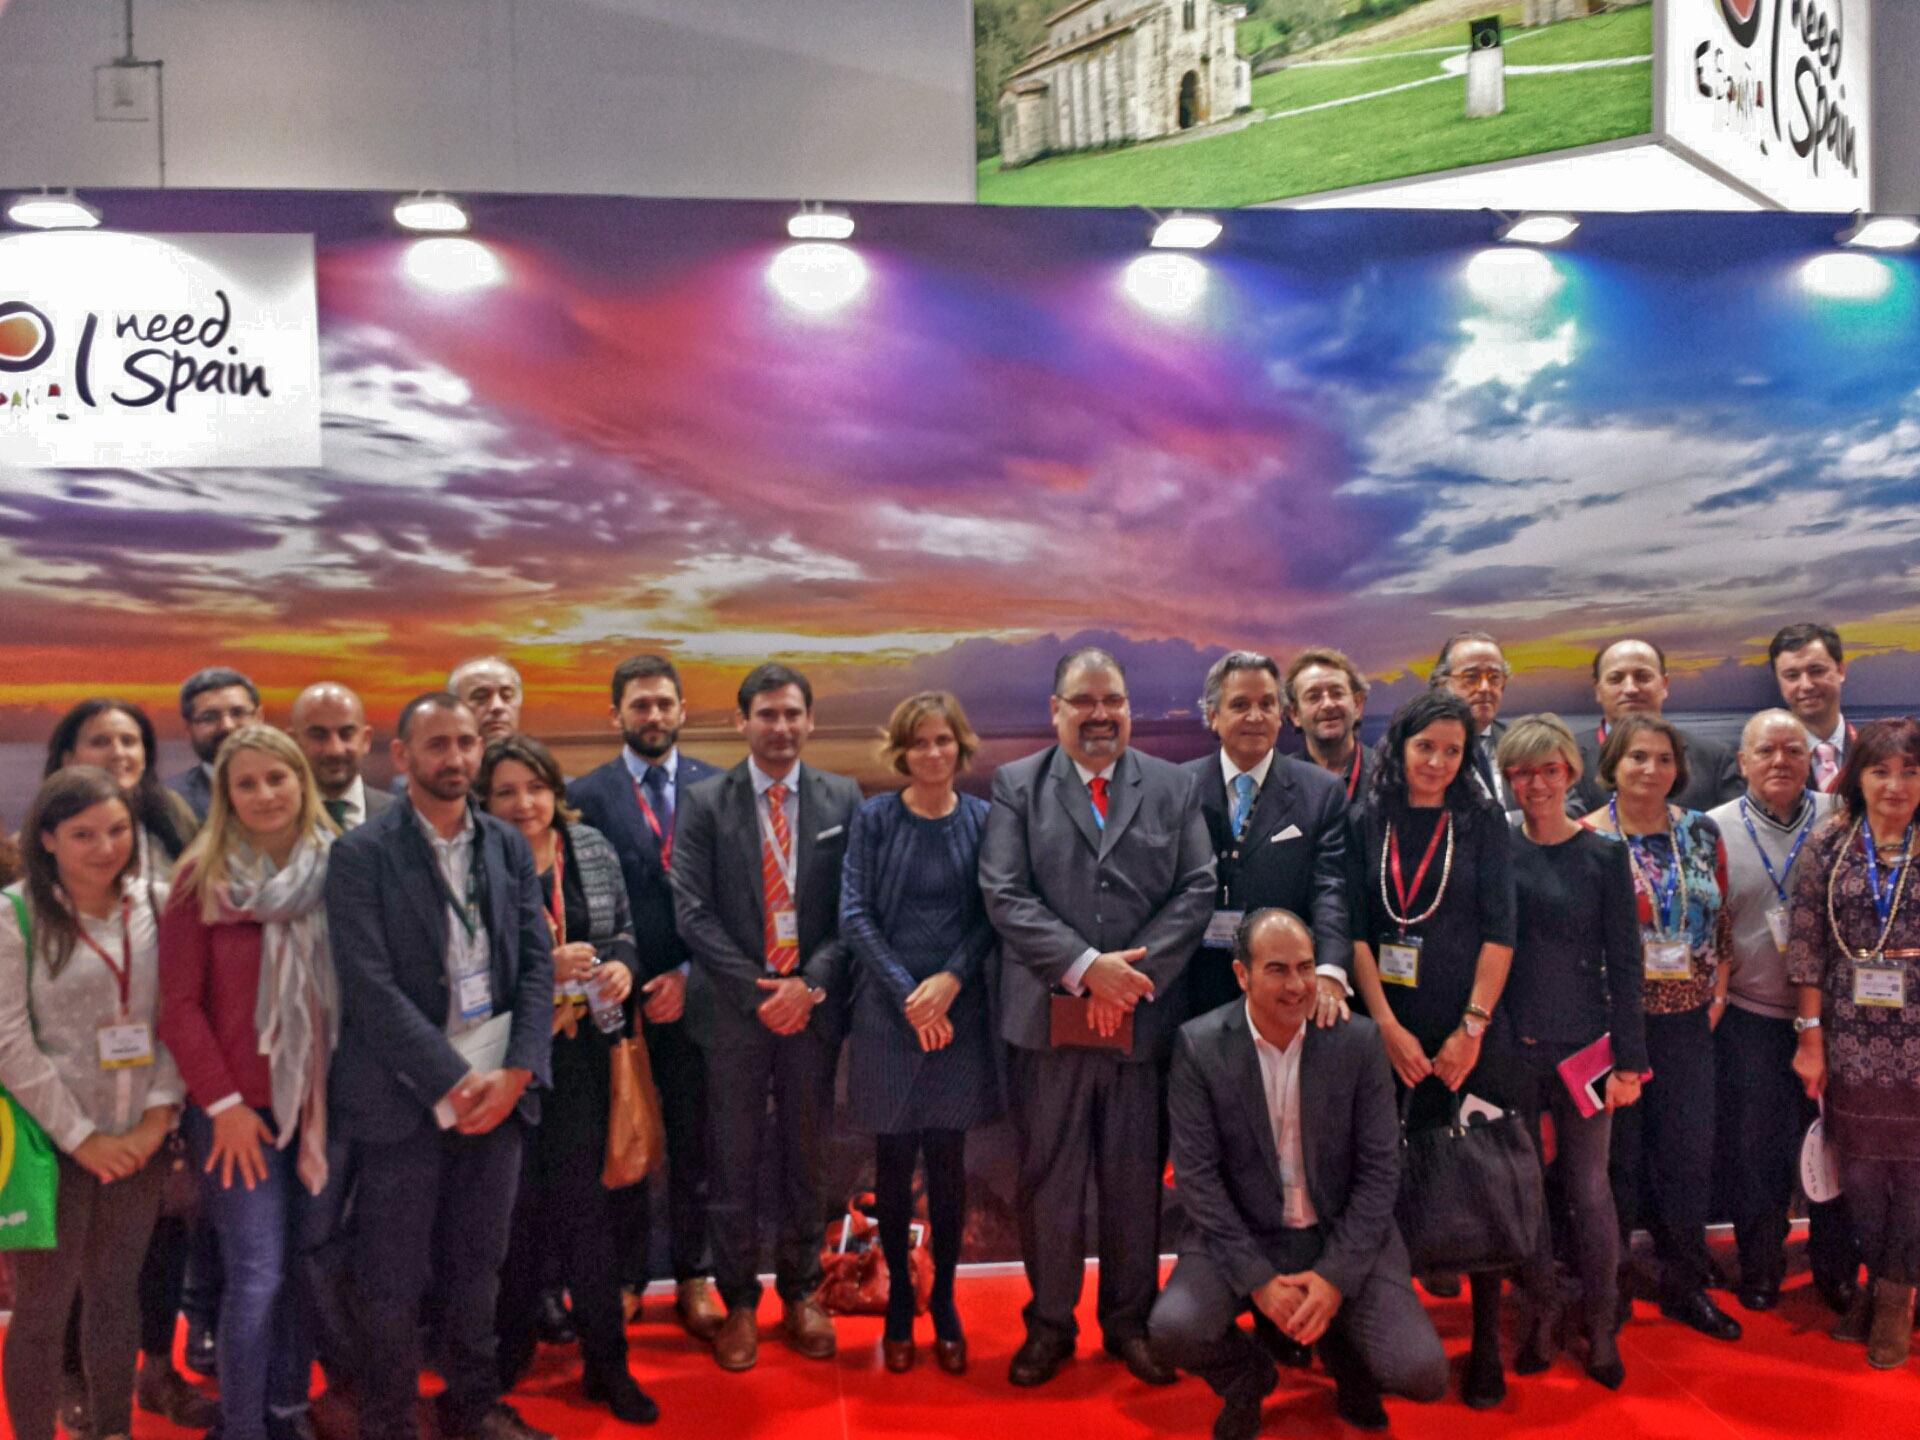 Concluye con excelentes sensaciones y numerosos contactos la misión comercial del Clúster en la World Travel Market de Londres